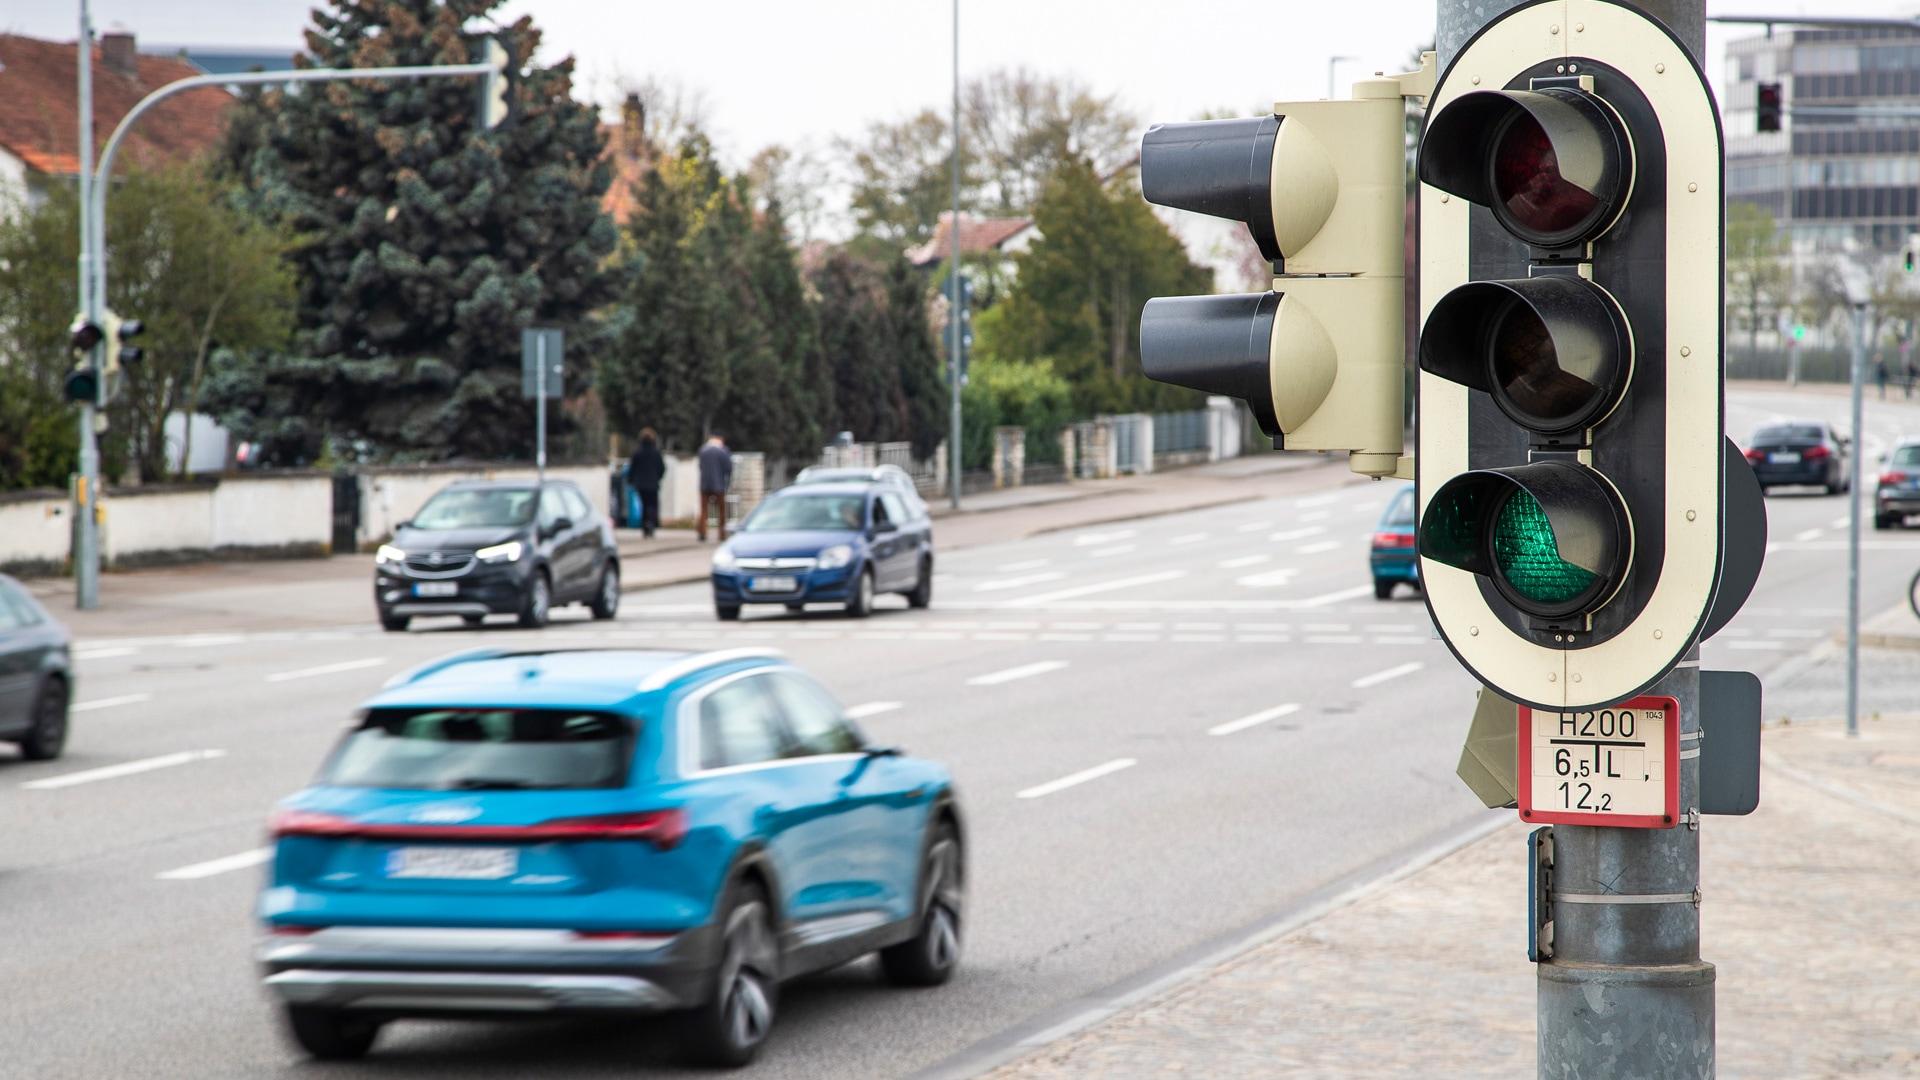 Audi e-tron med vožnjo čez zeleno luč na semaforju